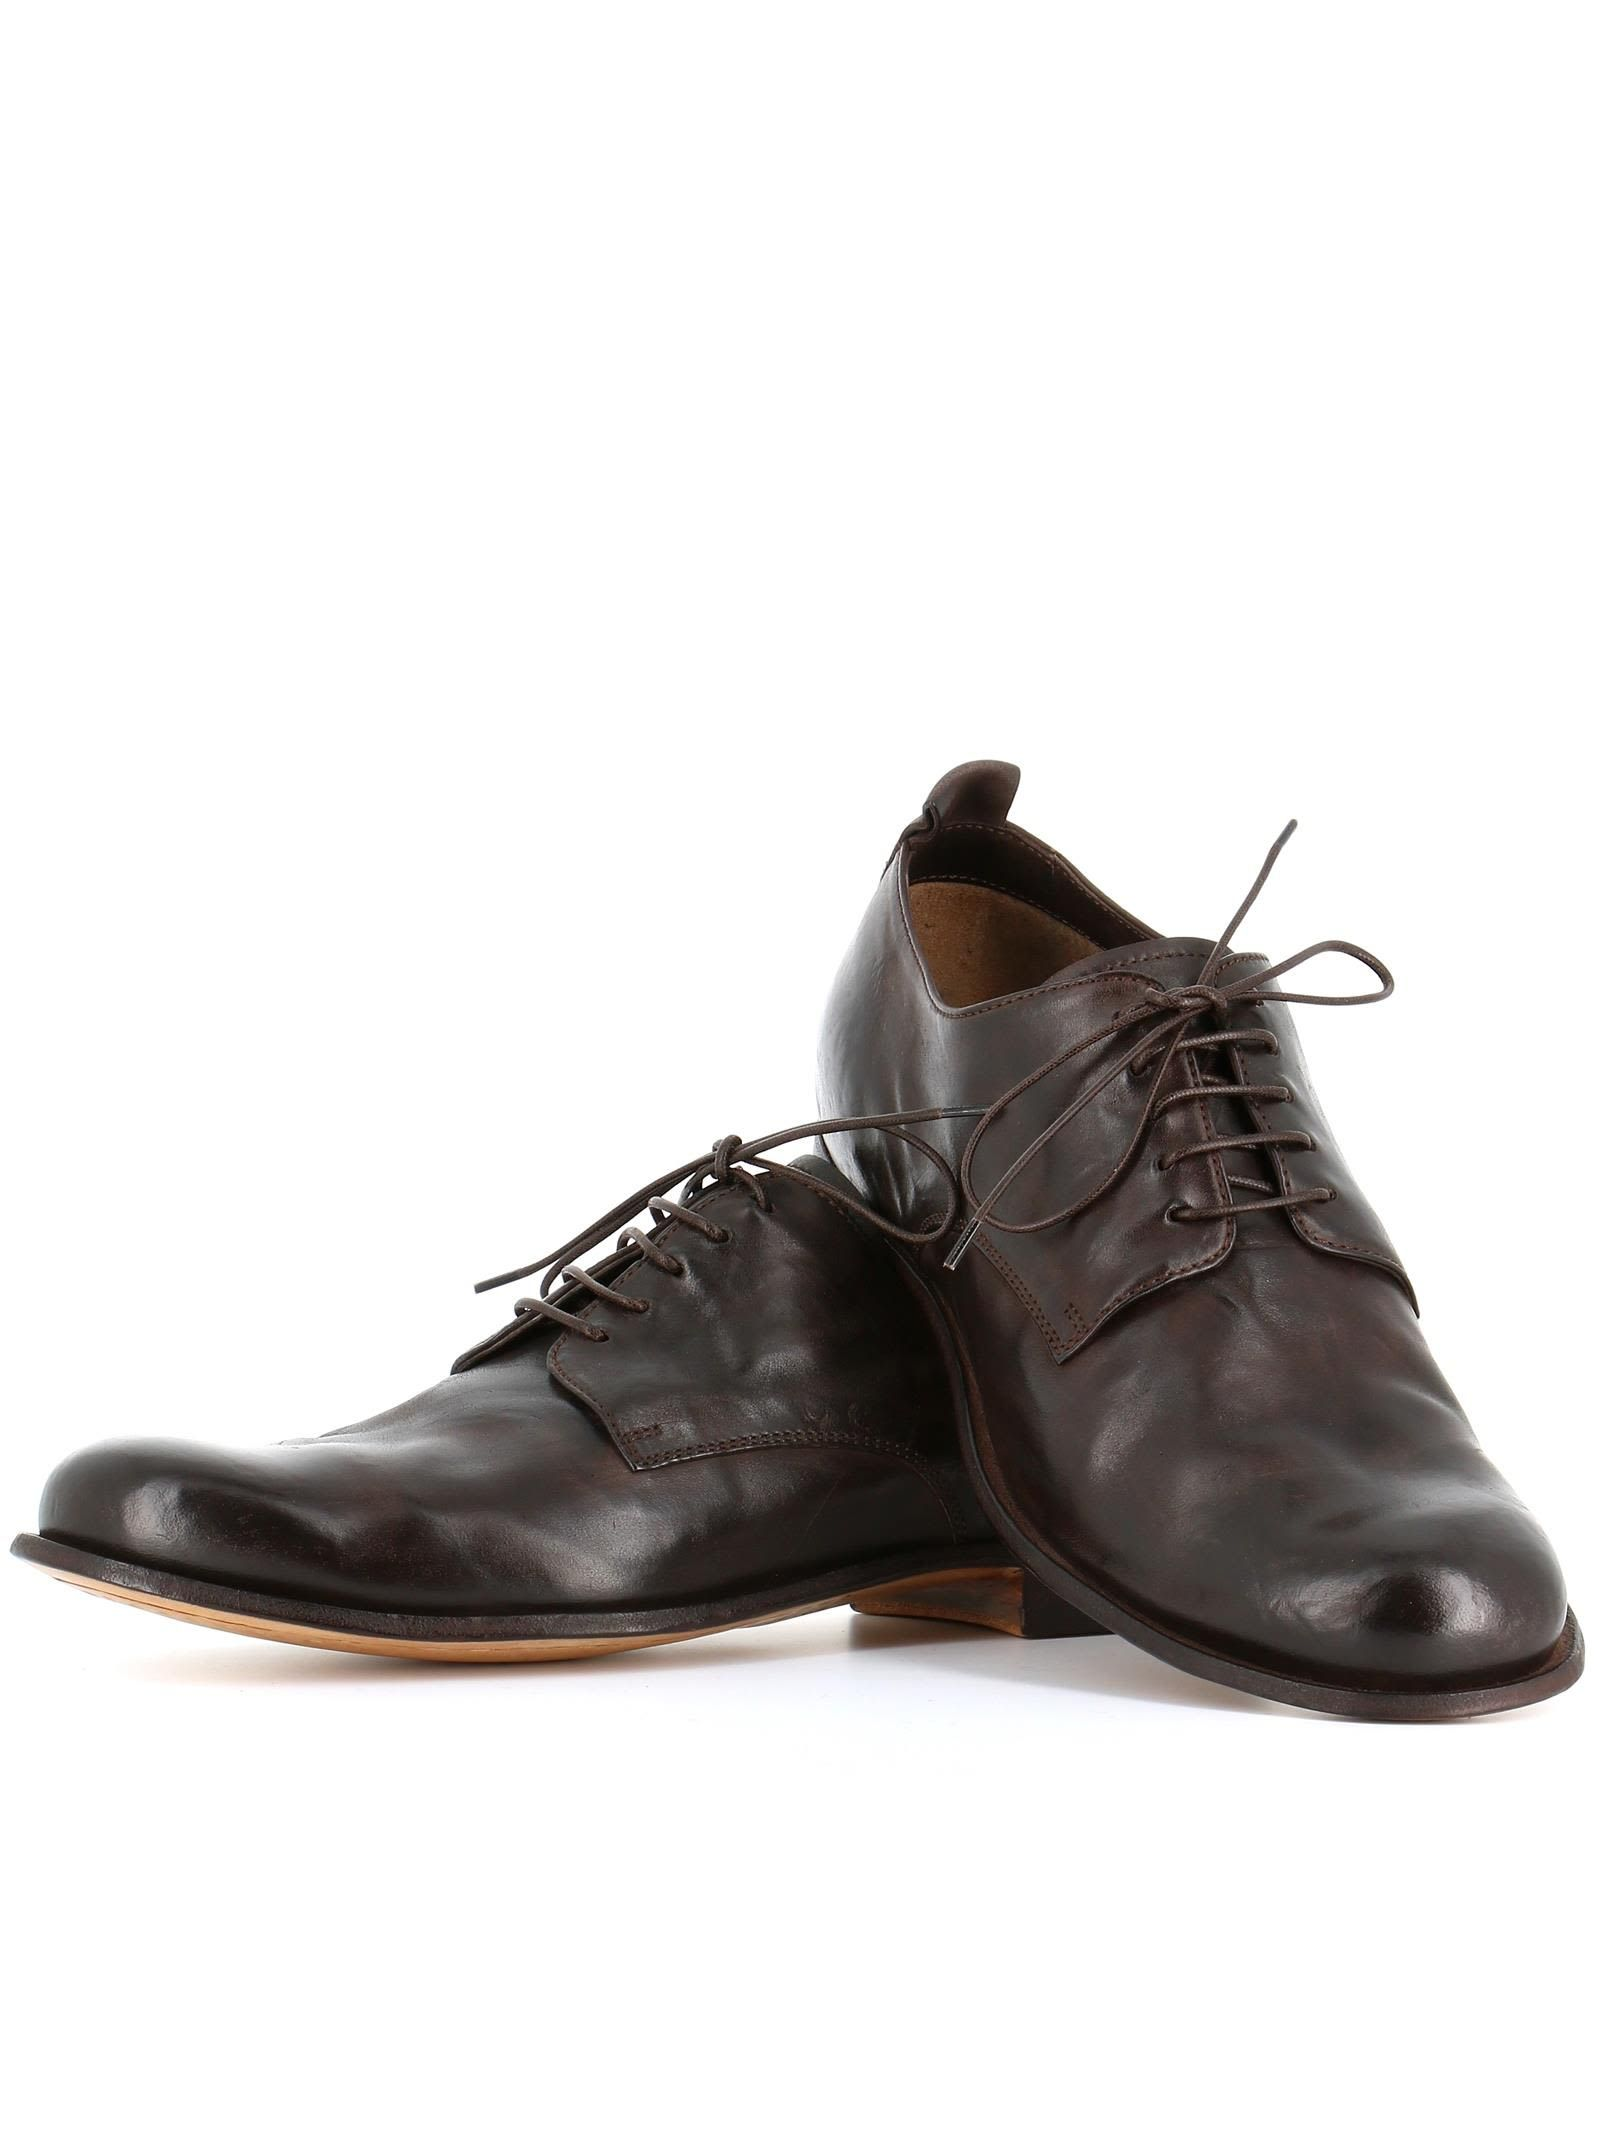 Brun Bureau Officine Chaussures Créatifs De Bureau Italia Pour Les Hommes FJGiQ3